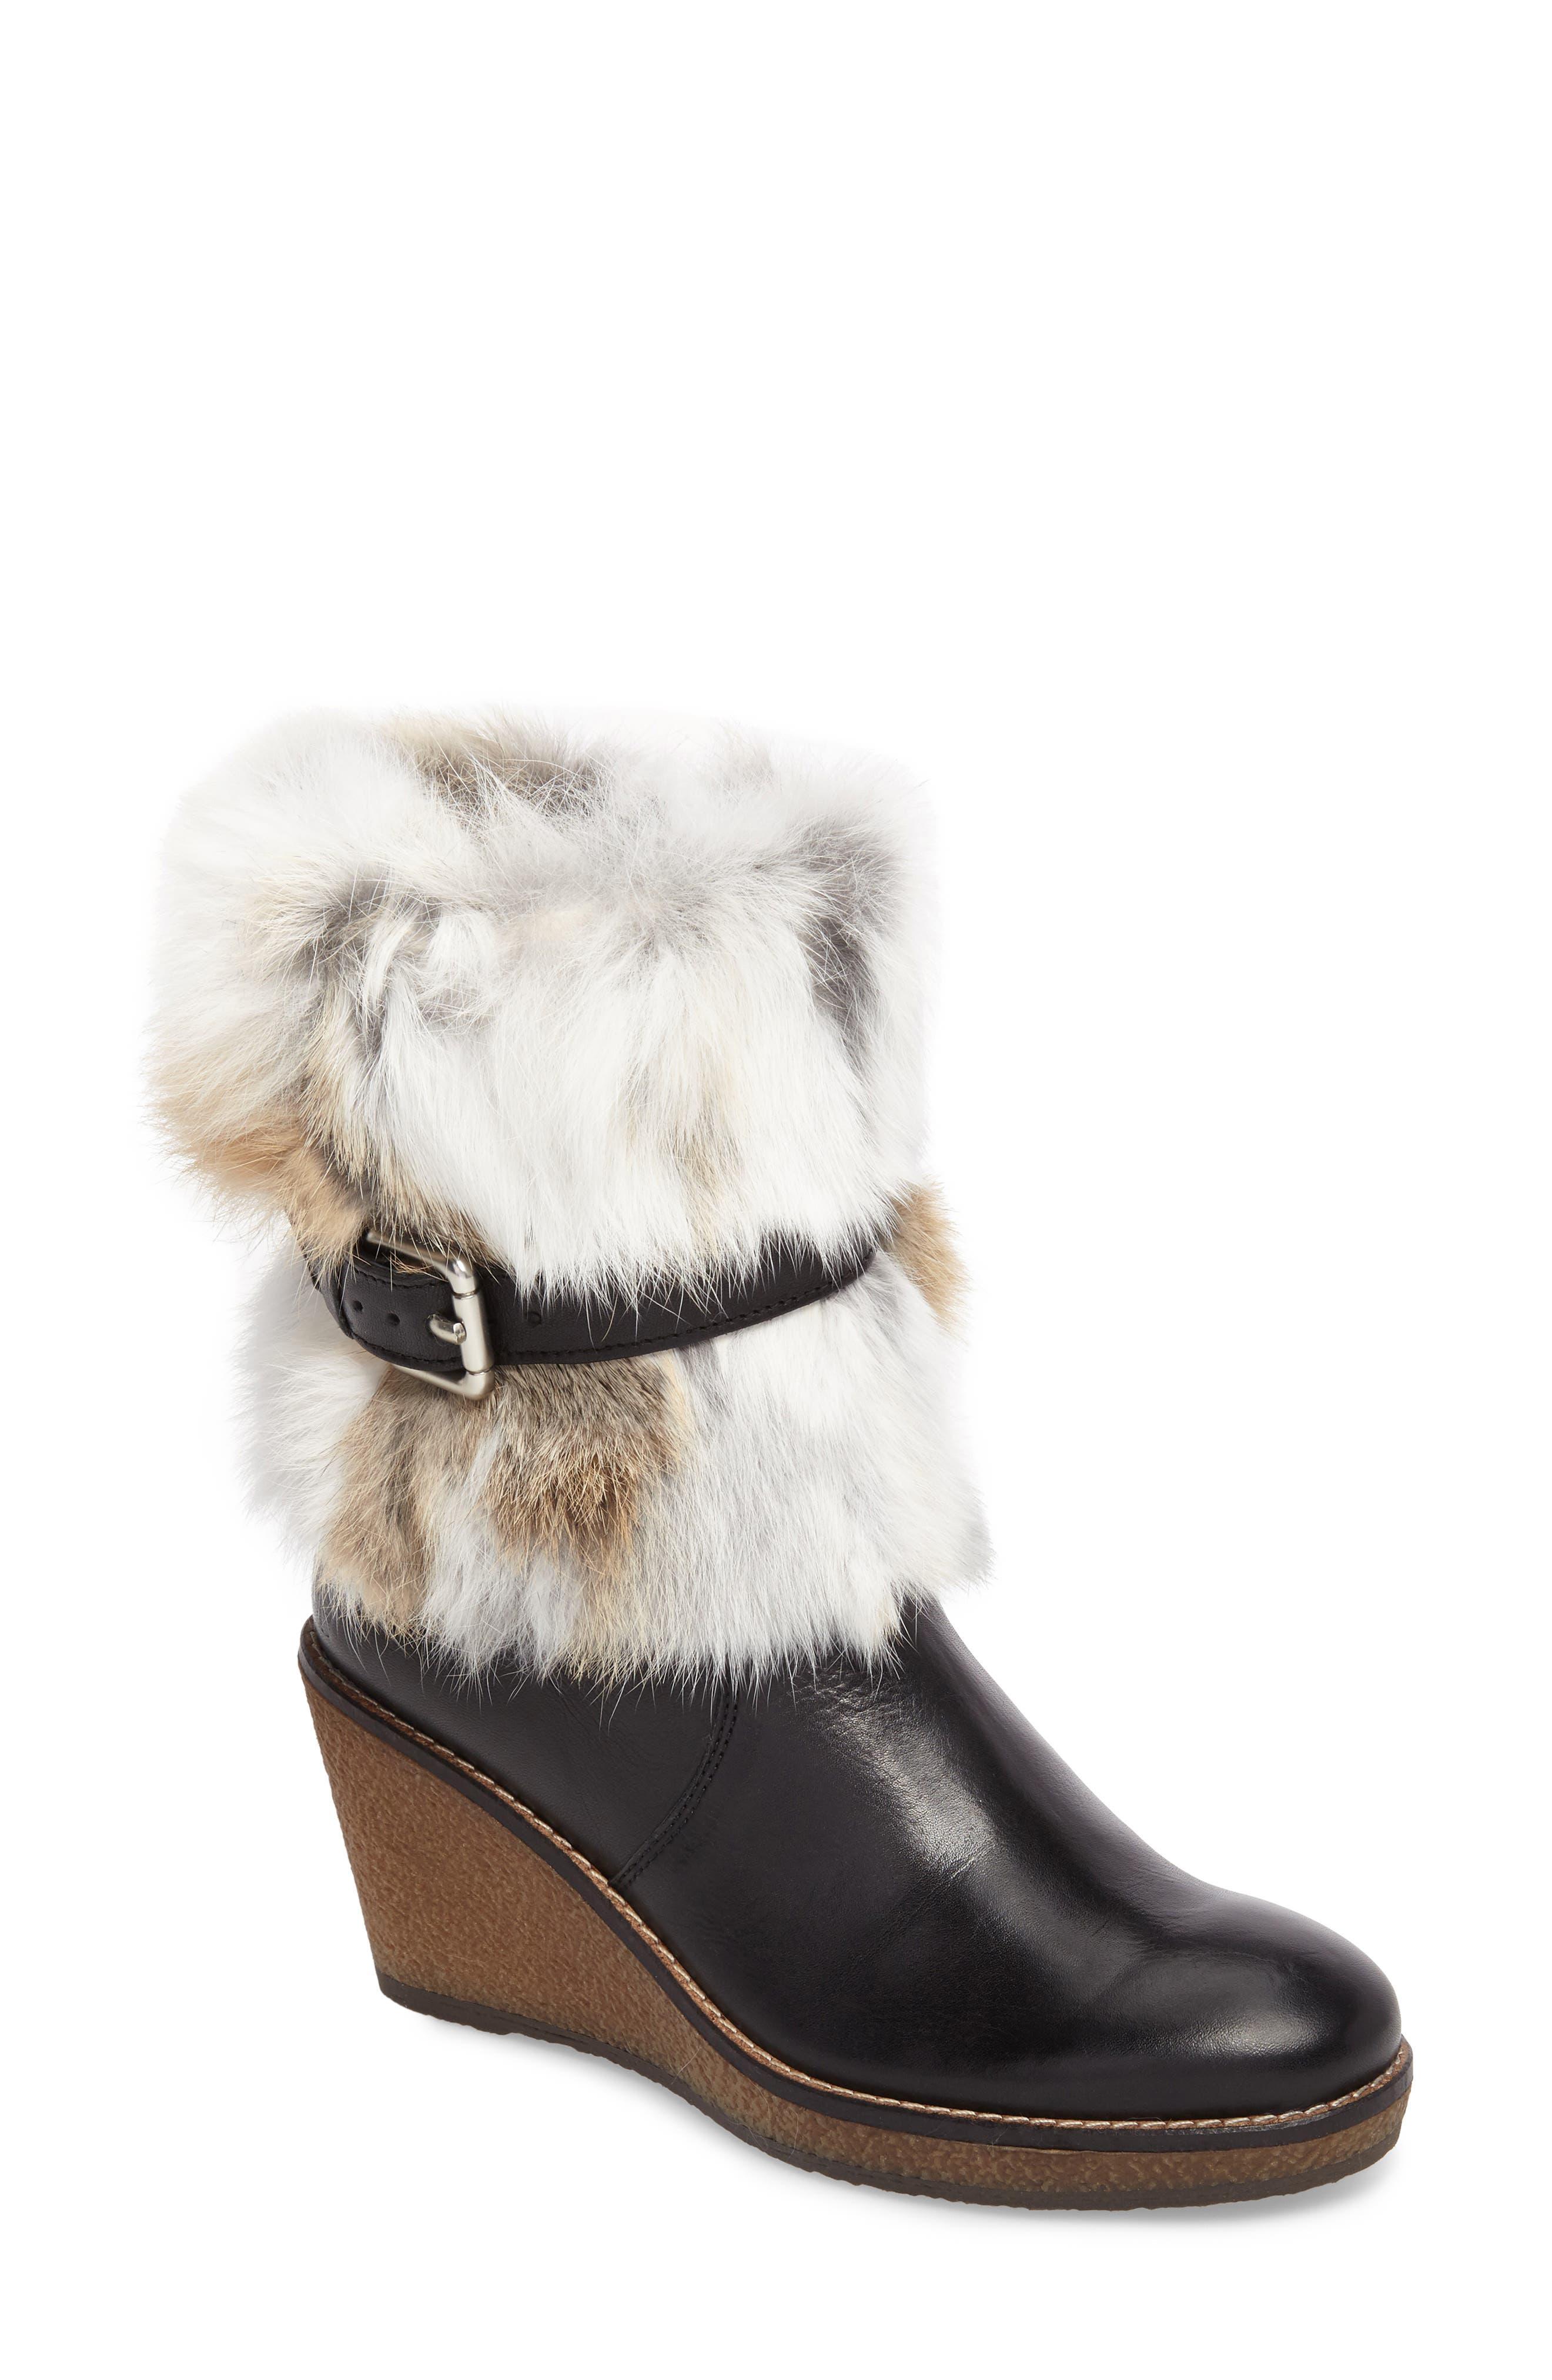 Tasarla Genuine Rabbit Fur Trim Boot,                             Main thumbnail 1, color,                             001